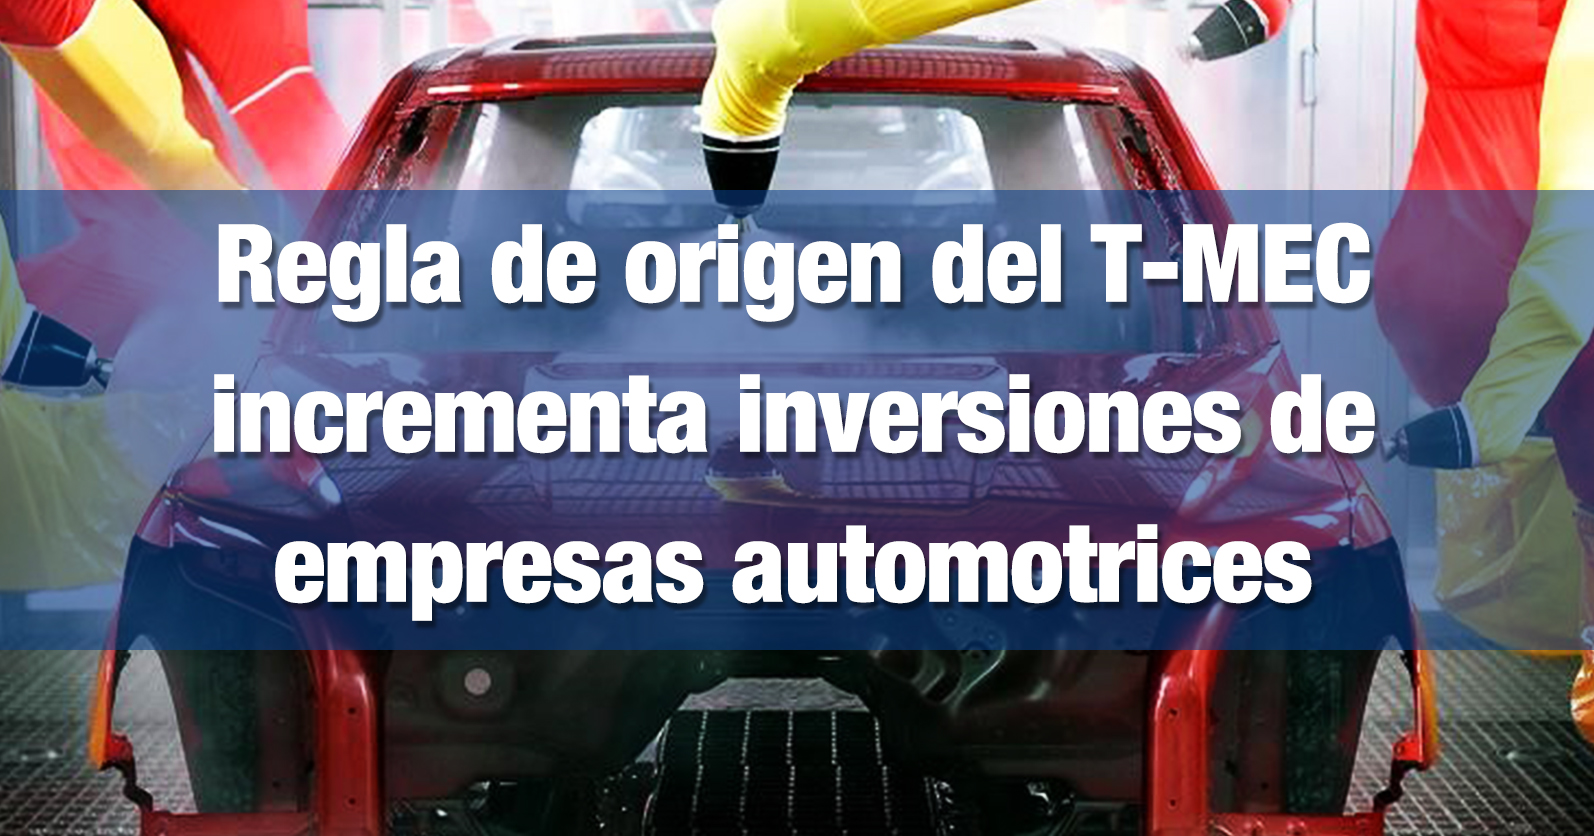 Regla de origen del T-MEC incrementa inversiones de empresas automotrices